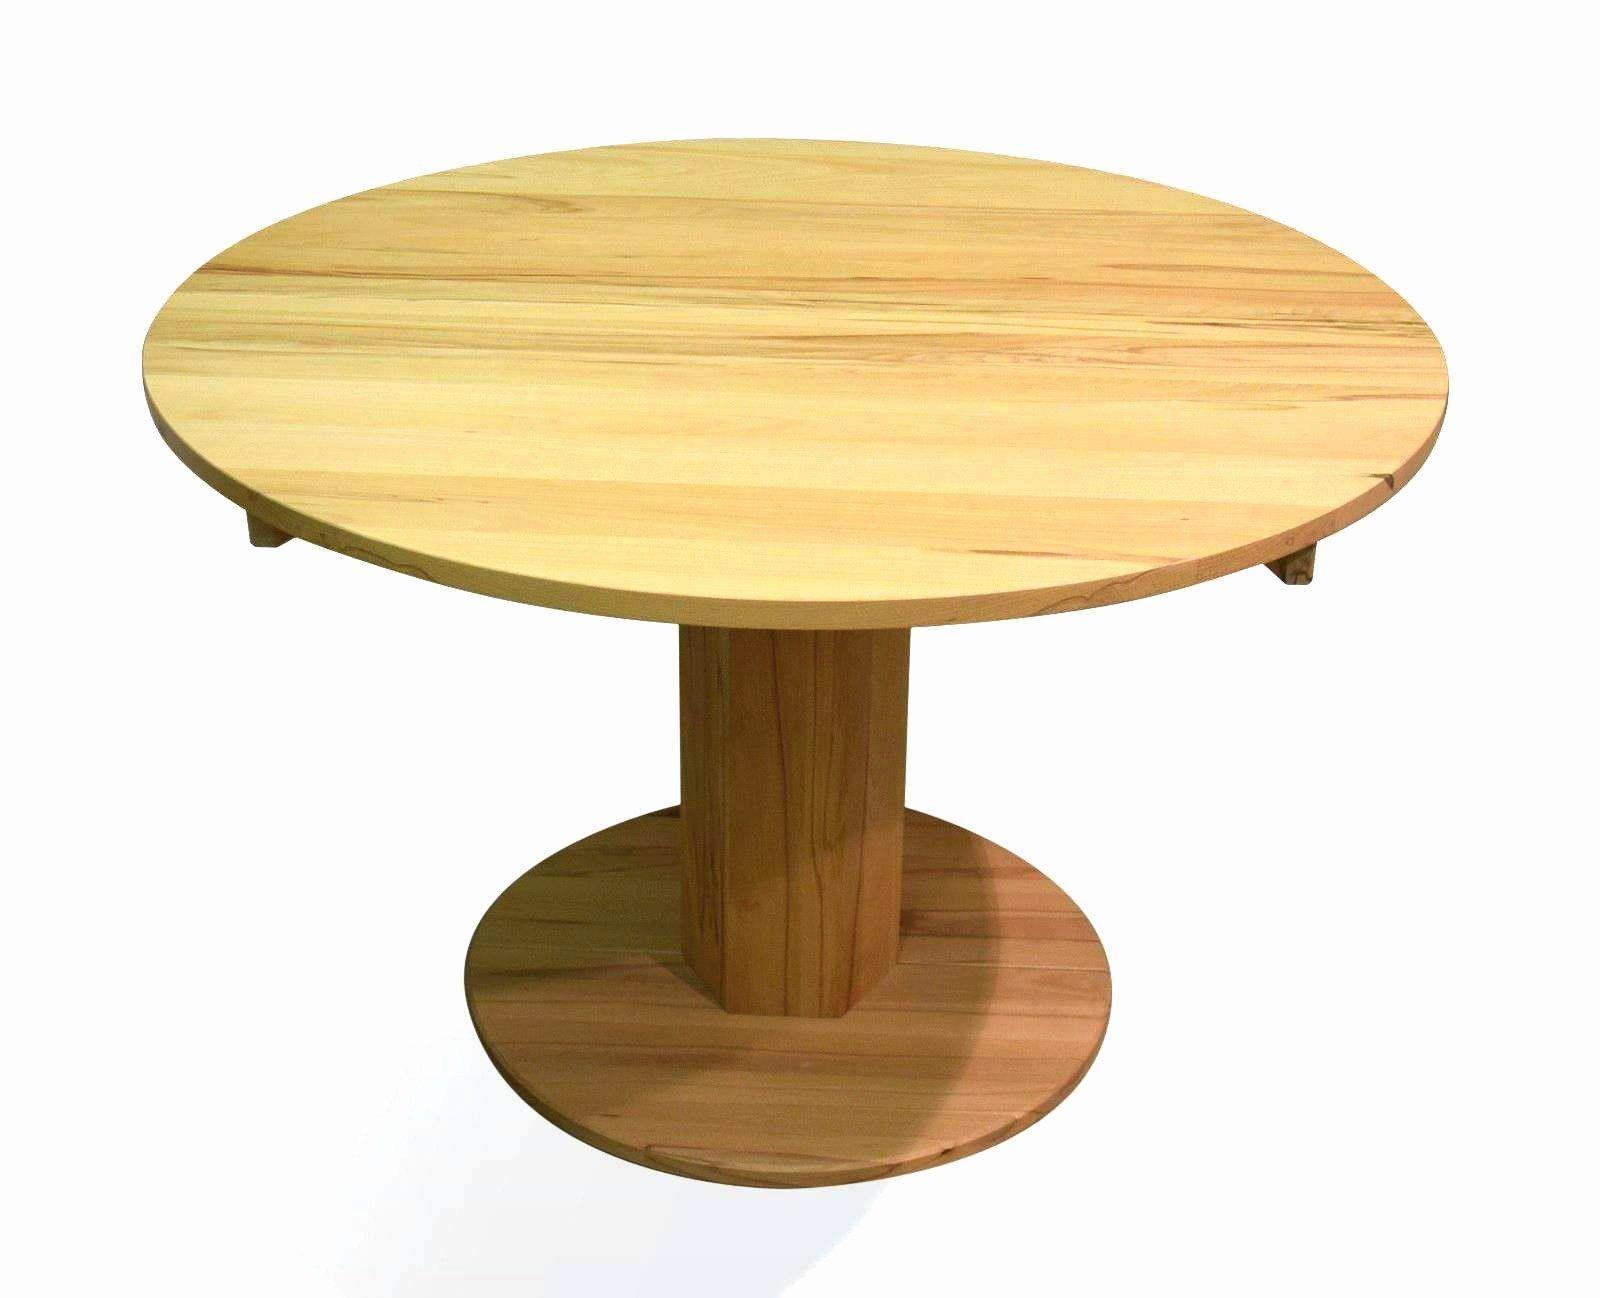 Gartentisch Ideen Vegetarisch Tische Selber Bauen Kuchenideen